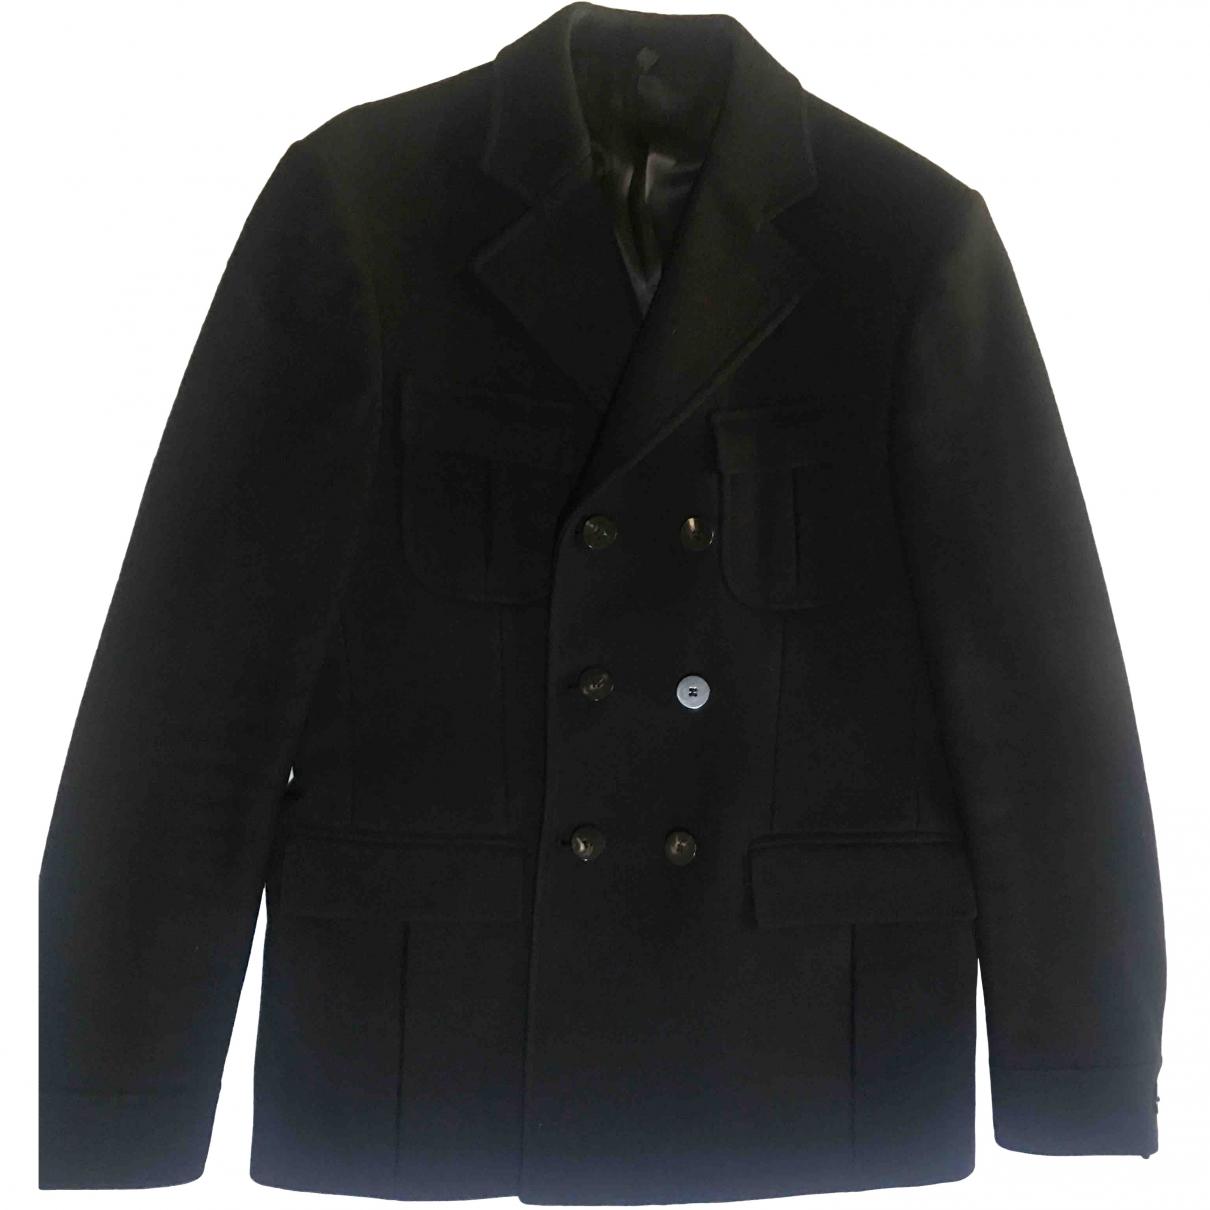 Tonello - Vestes.Blousons   pour homme en laine - noir